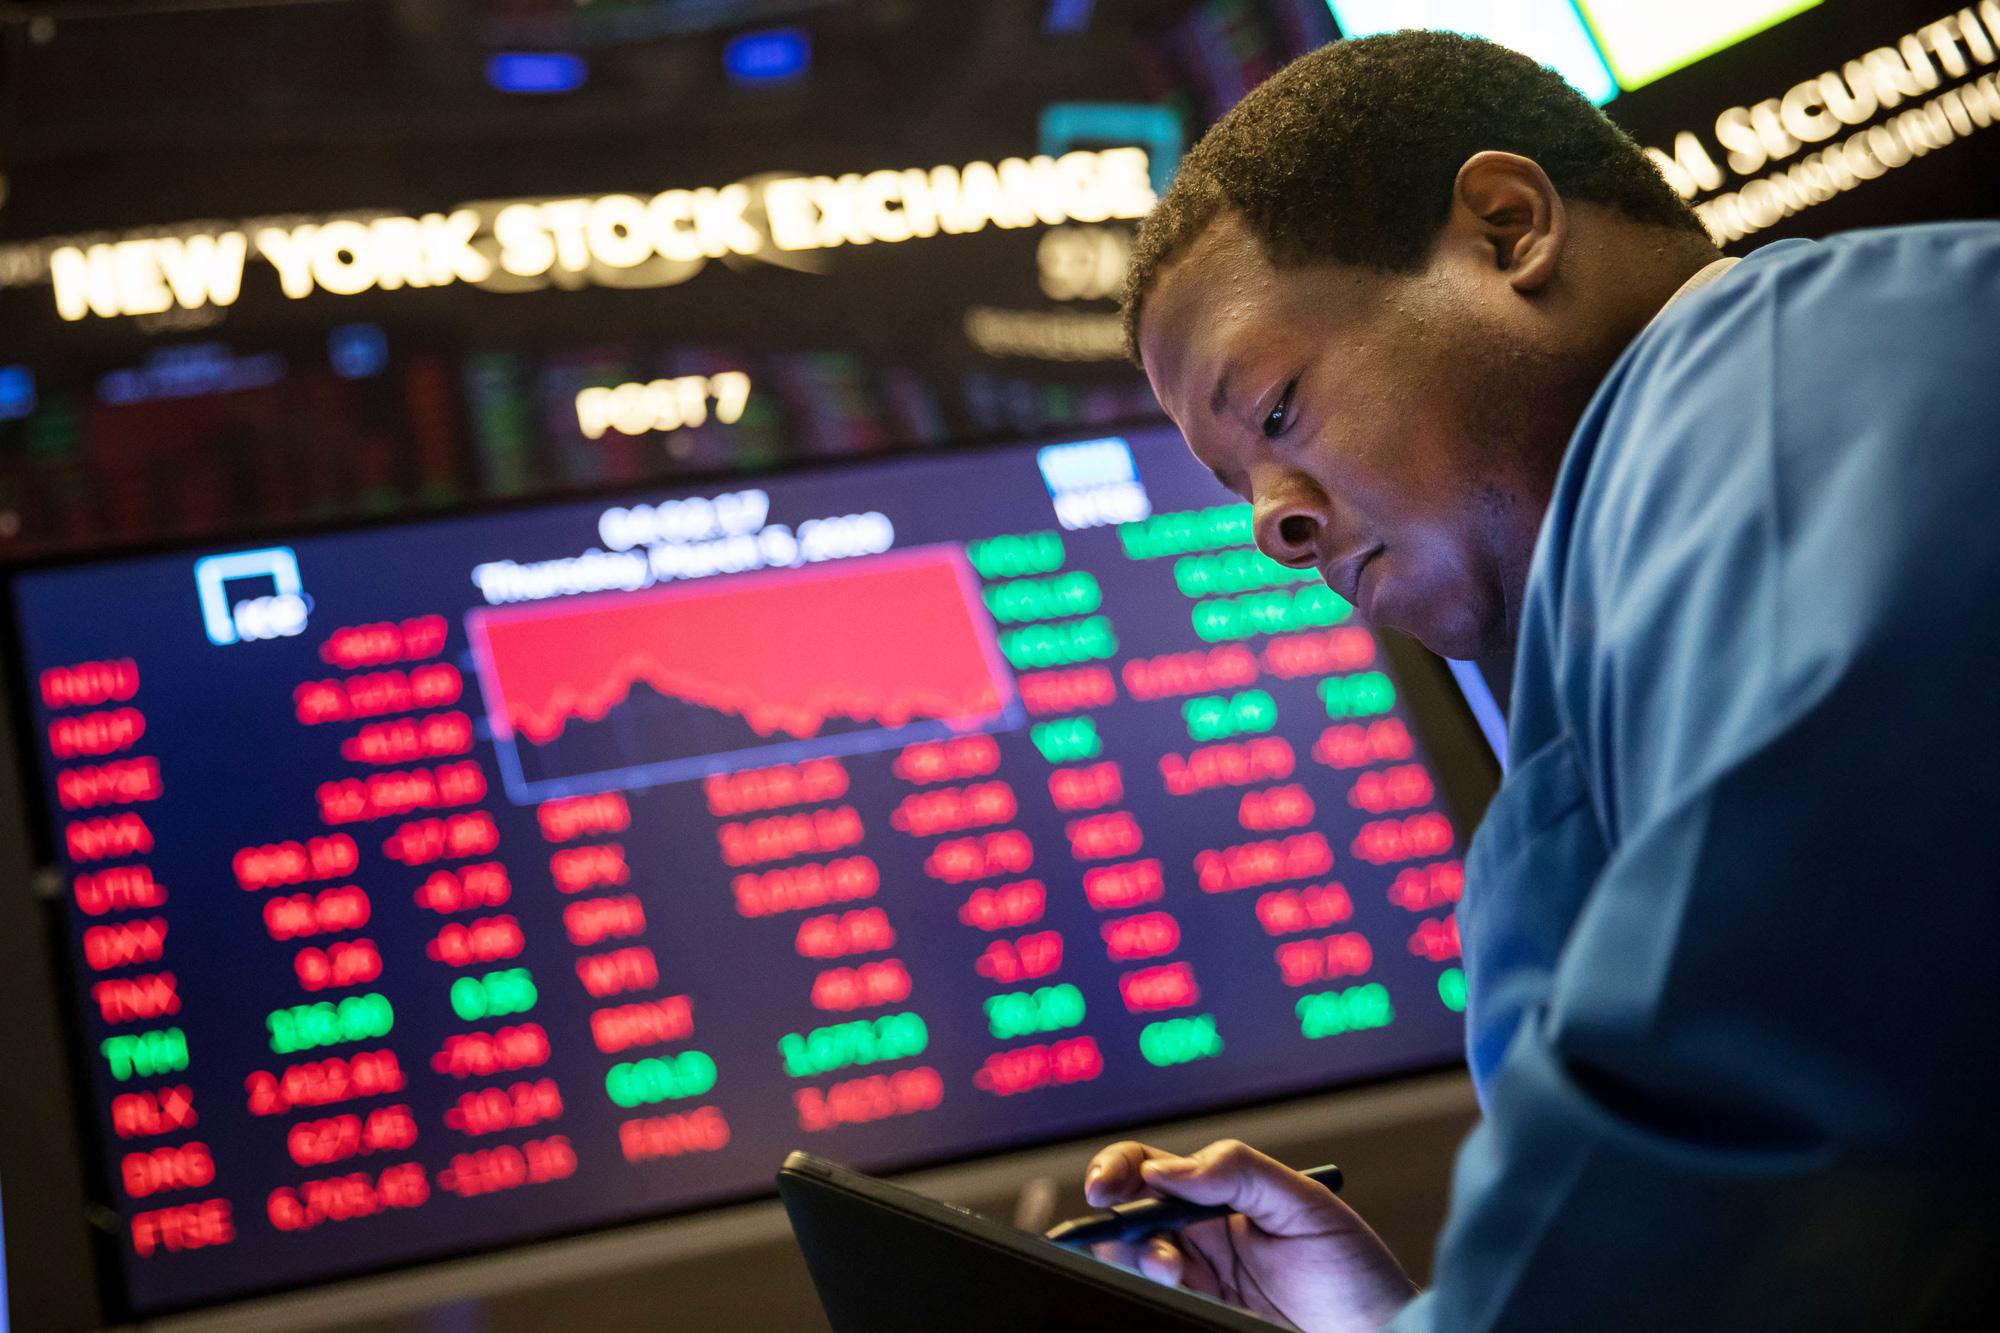 Hợp đồng tương lai dự báo Dow Jones tăng 530 điểm khi mở cửa  - Ảnh 1.